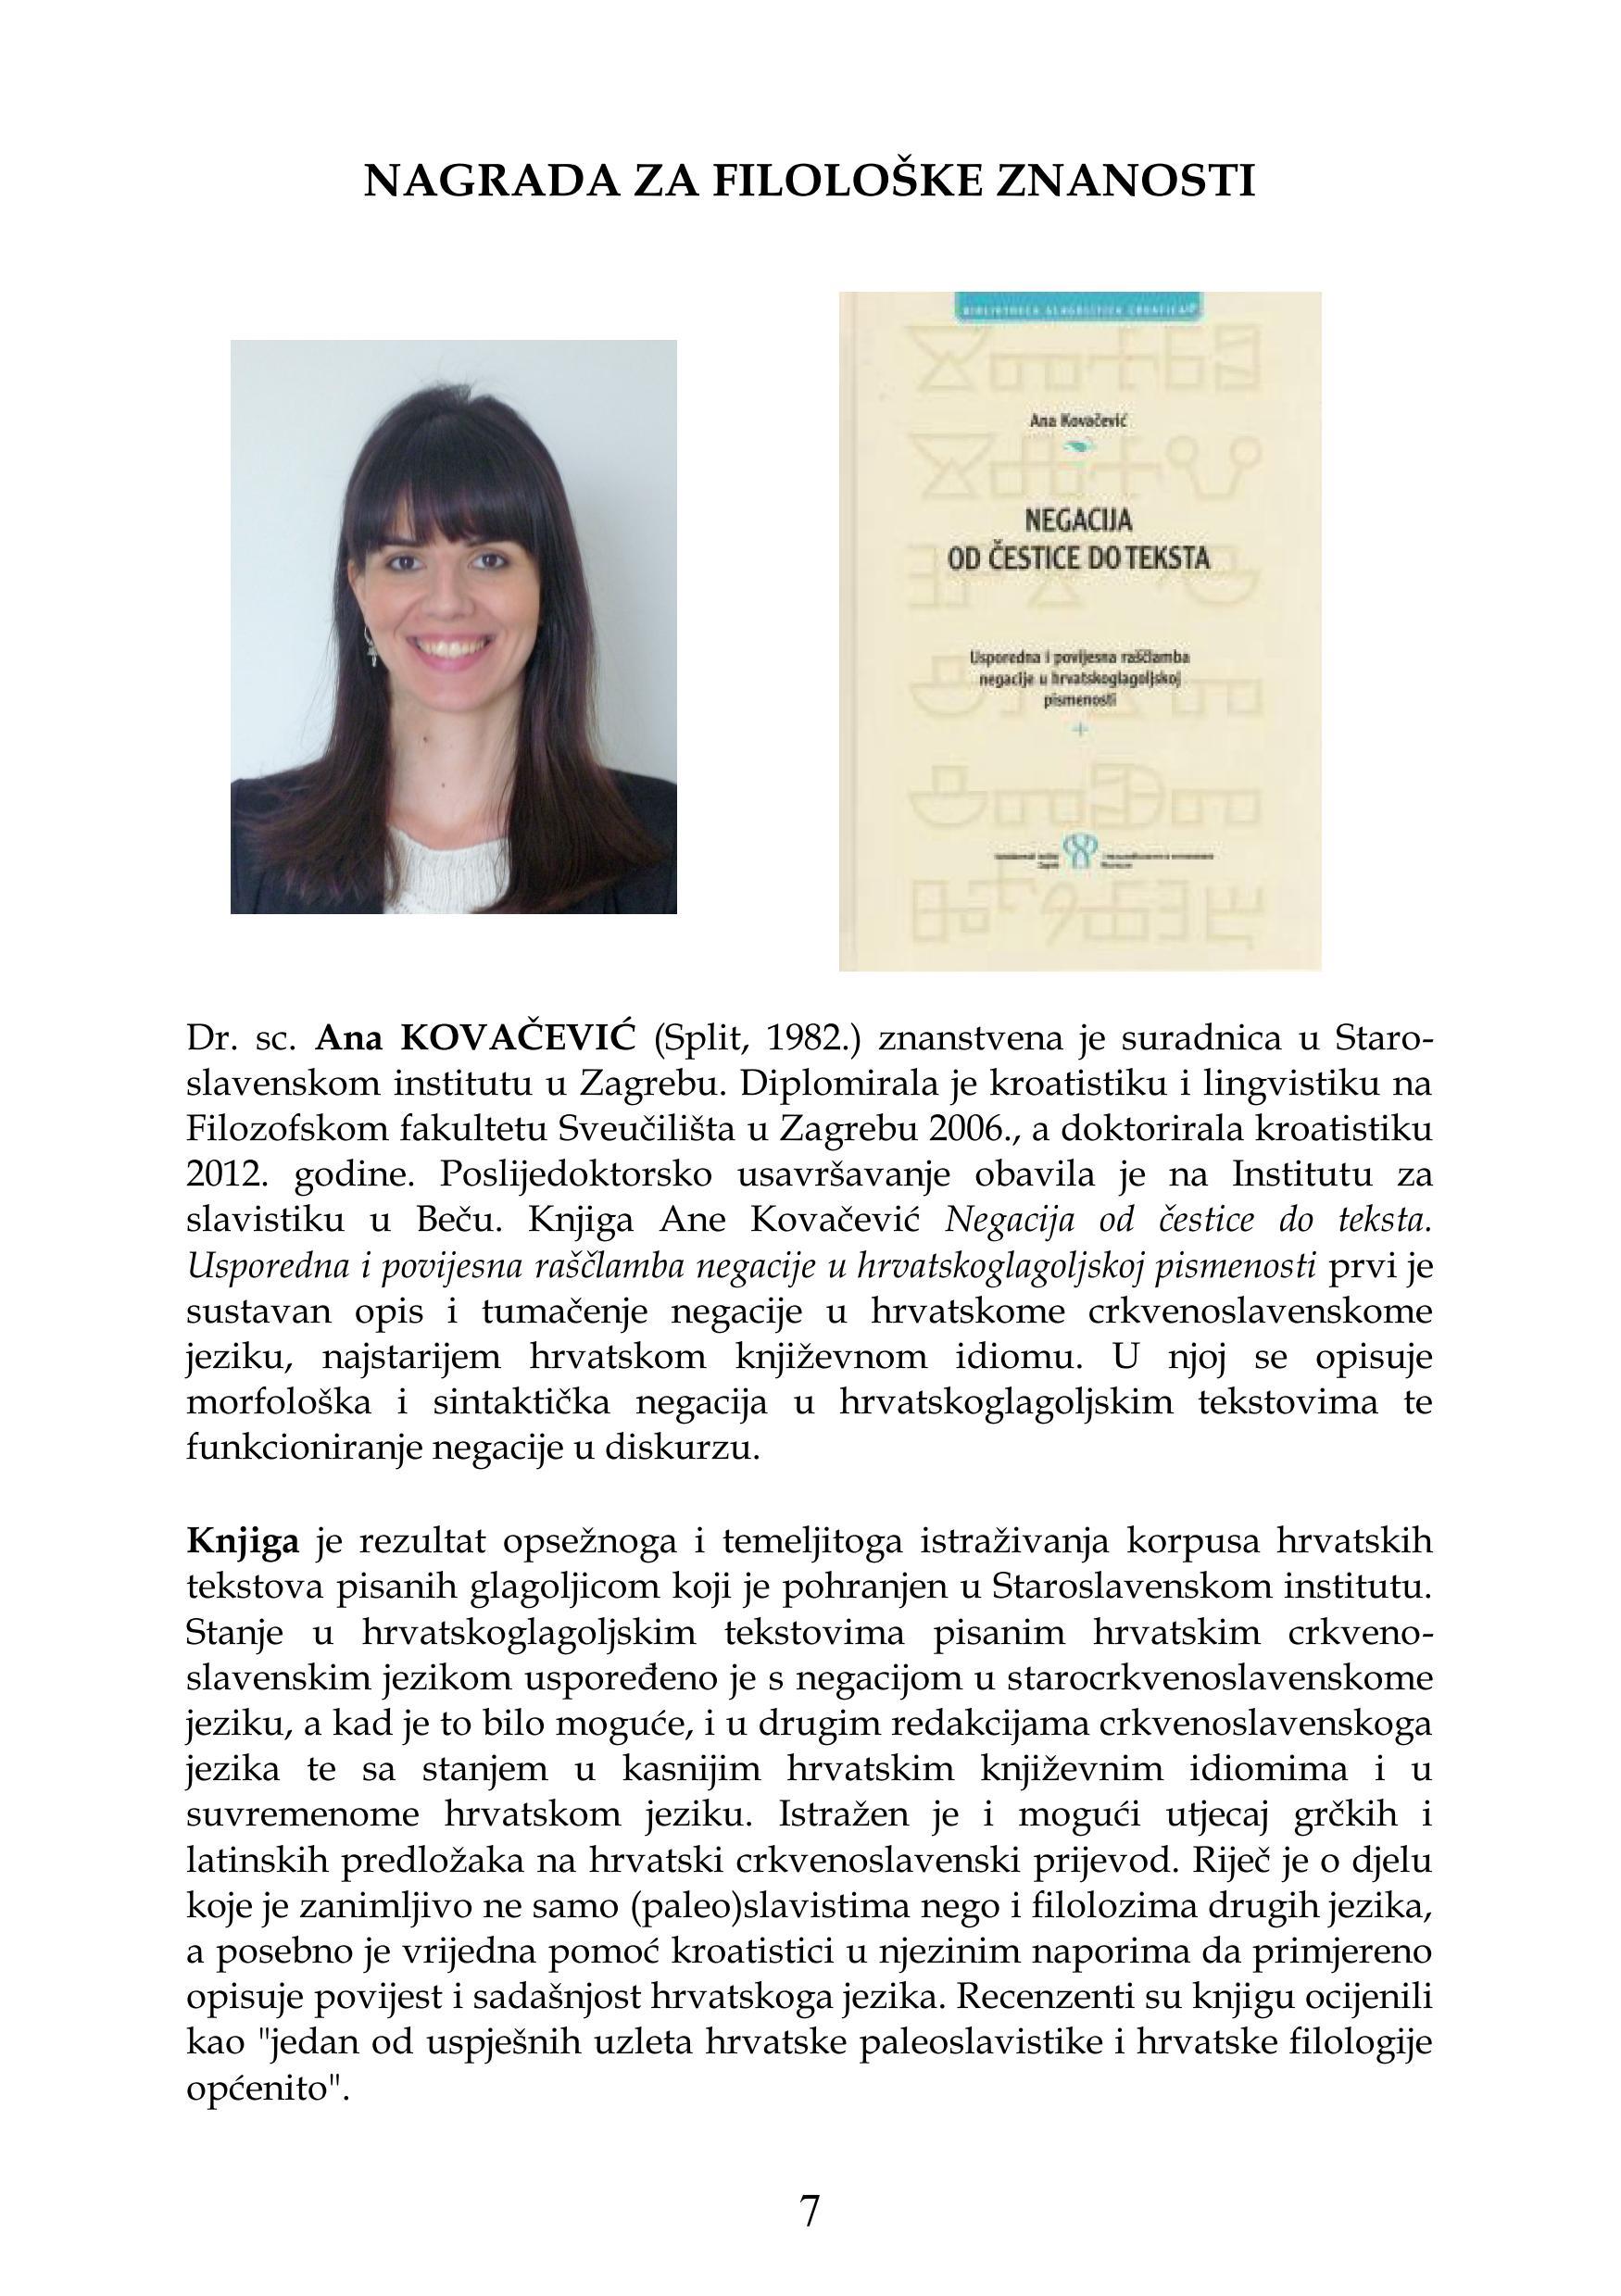 Dr. sc. Ana Kovačević – dobitnica godišnje nagrade Hrvatske akademije znanosti i umjetnosti